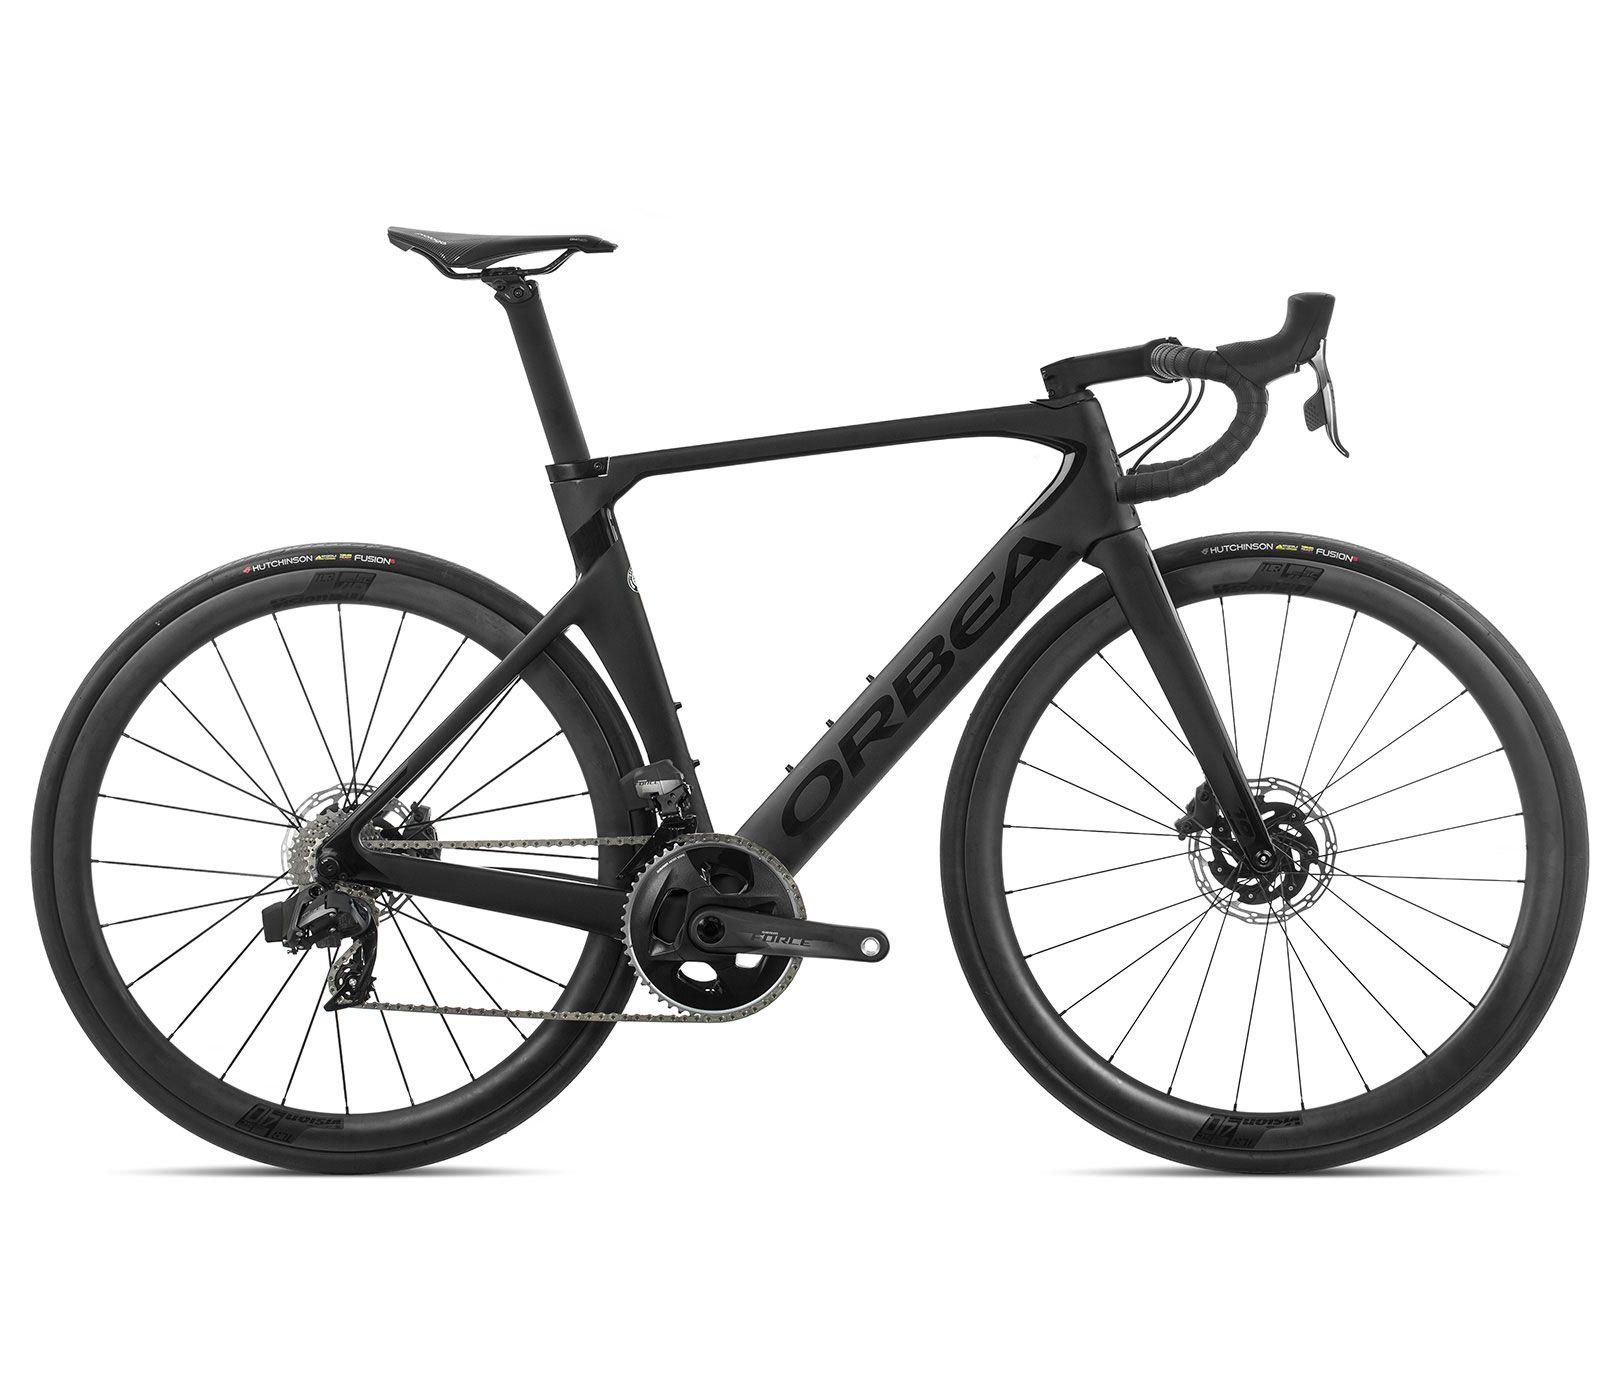 Bicicleta estrada Orbea Orca AERO M21e TEAM-D Tam 51 Preta - 2020